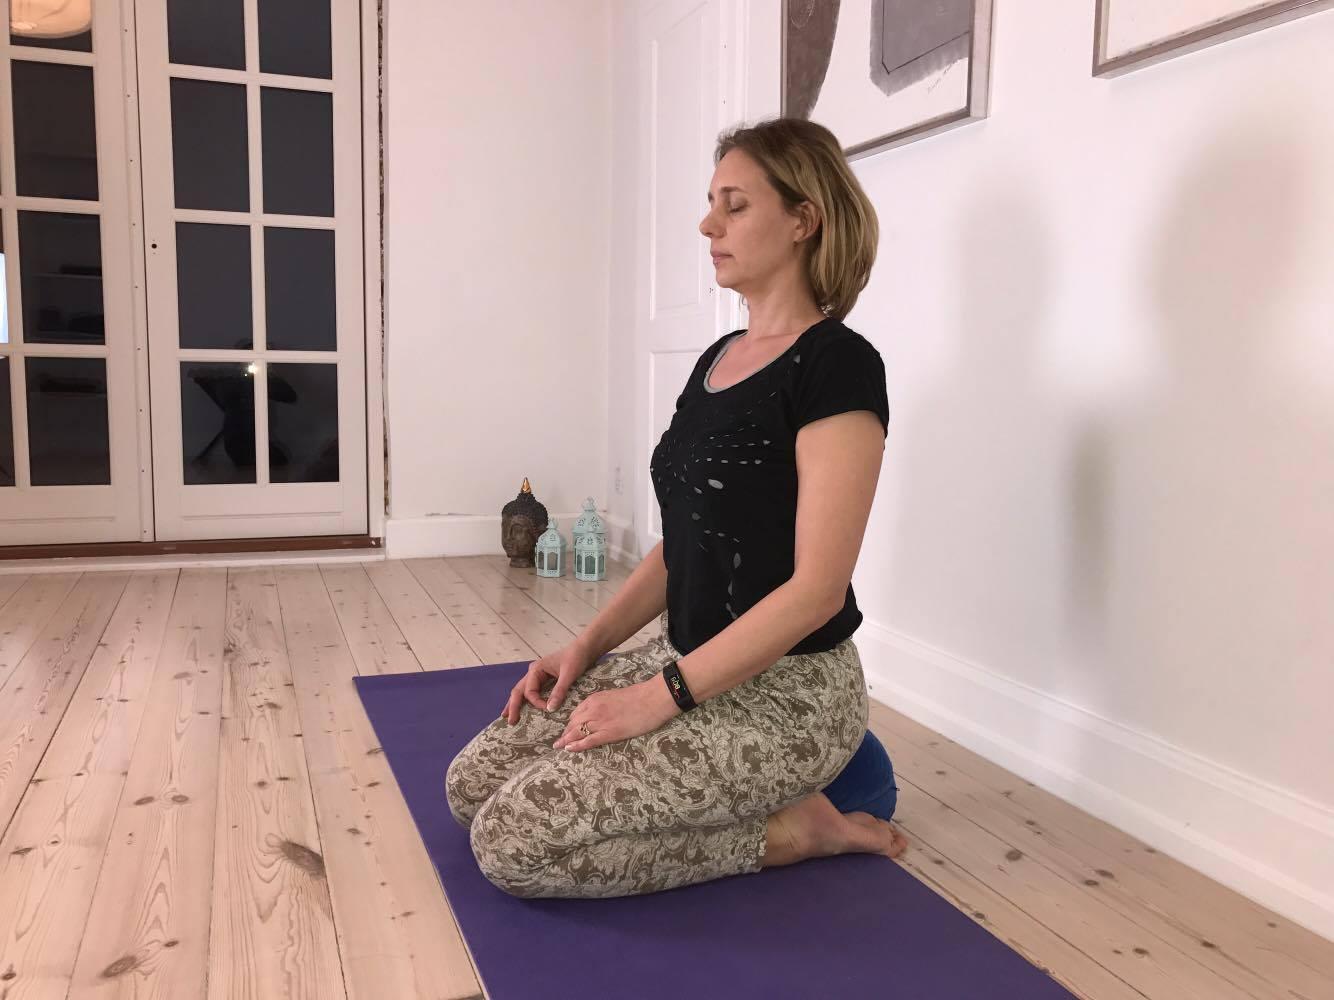 Yogaøvelser Mod Stive Hofter – 5 Yogastillinger Der Løsner Dine Hofter.